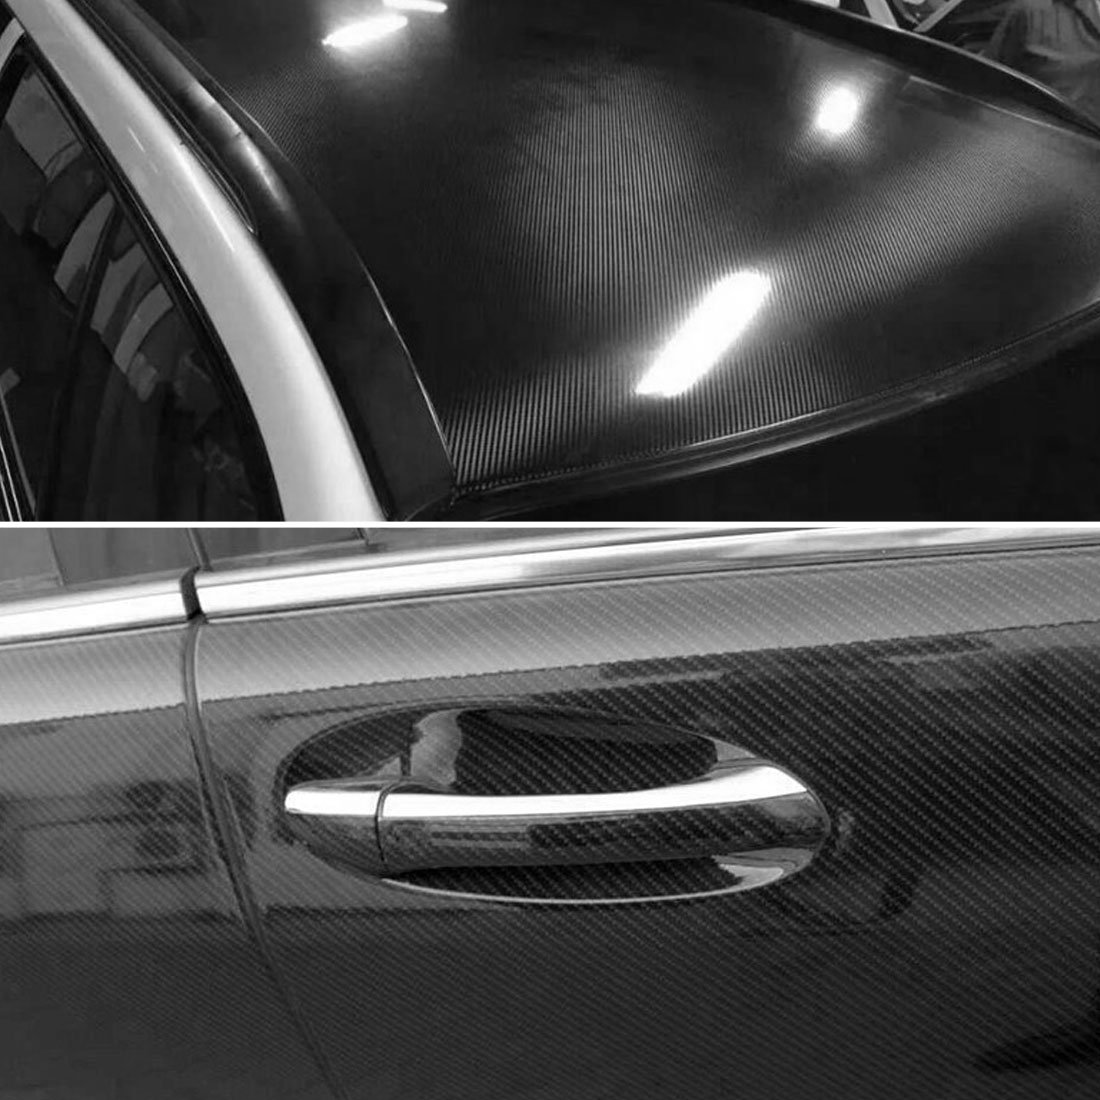 1 Pack 5D Carbon Fiber Bubble Free Stretchable Car Vinyl Film Sticker 152 x 30cm Black uxcell a18010800ux0209